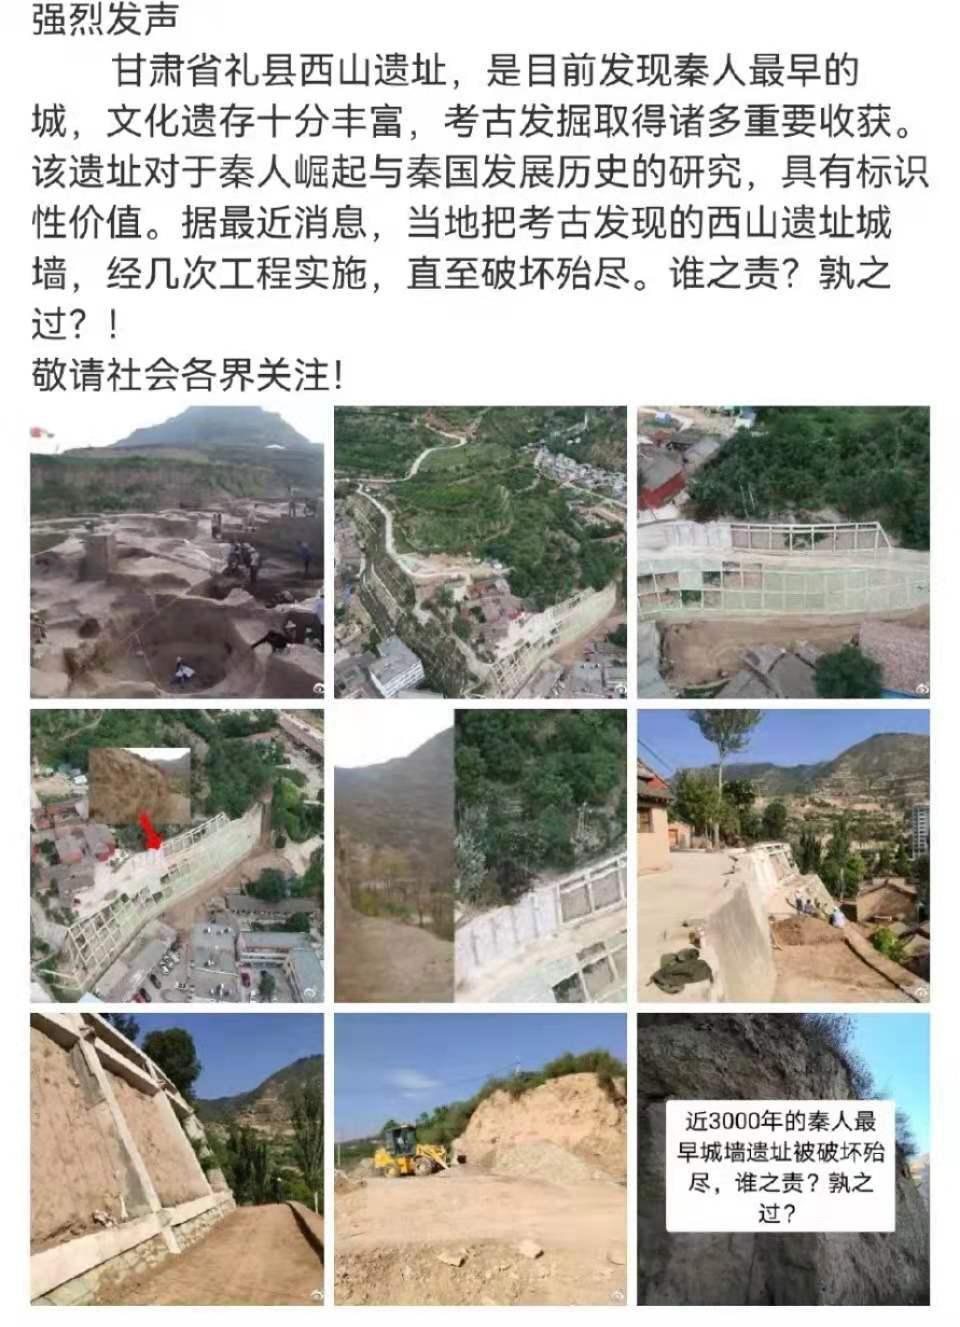 甘肅一秦朝遺址被施工工程破壞?官方:正在核實